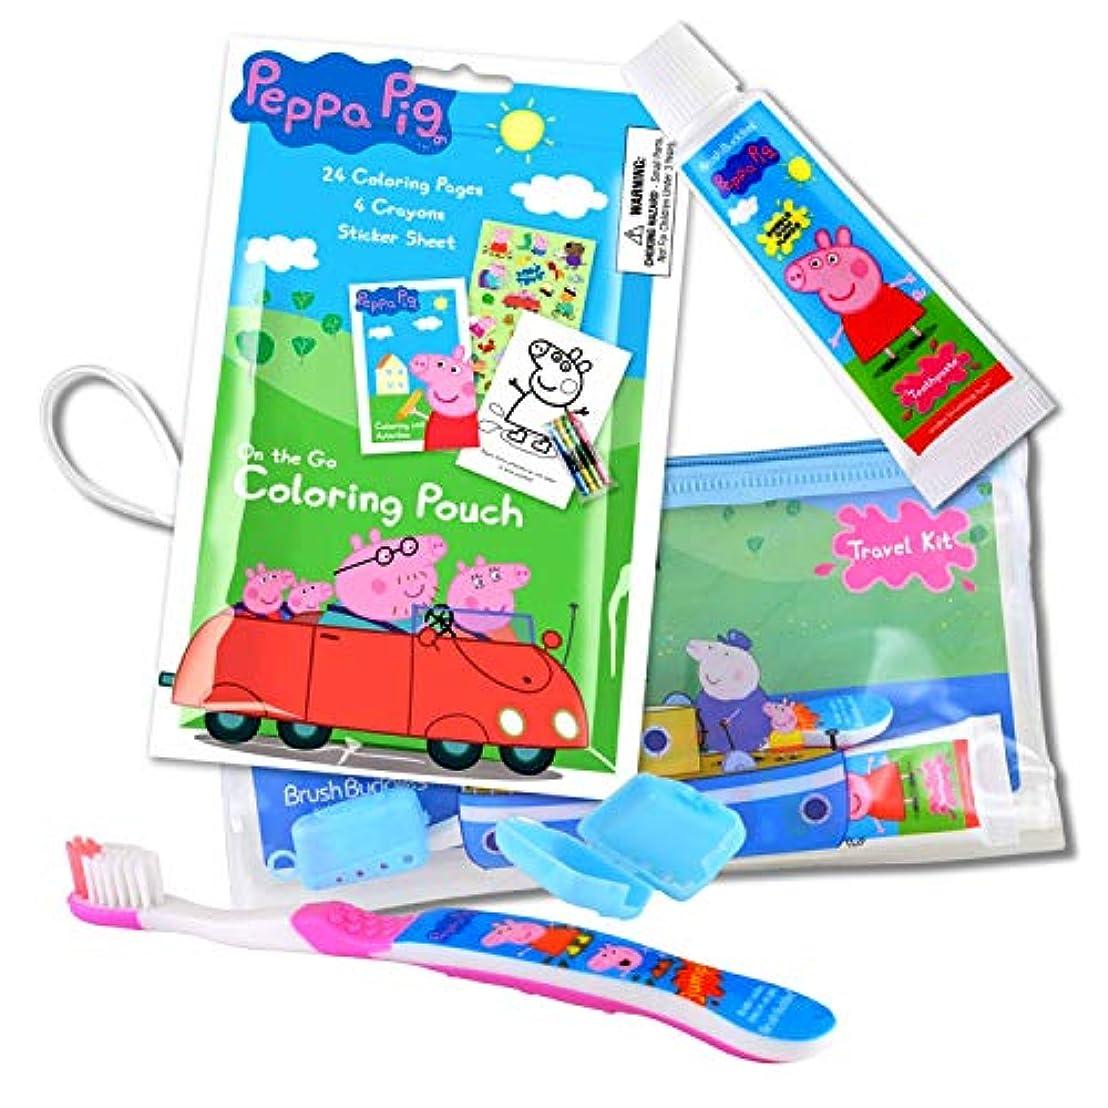 線ペストブレースPeppa Pig トラベルキット ペッパ歯ブラシと歯磨き粉 ジッパー付き 再封可能 トラベルバッグ付き ペッパピッグアクティビティセット クレヨン、ステッカー、ミニカラーリングブック付き